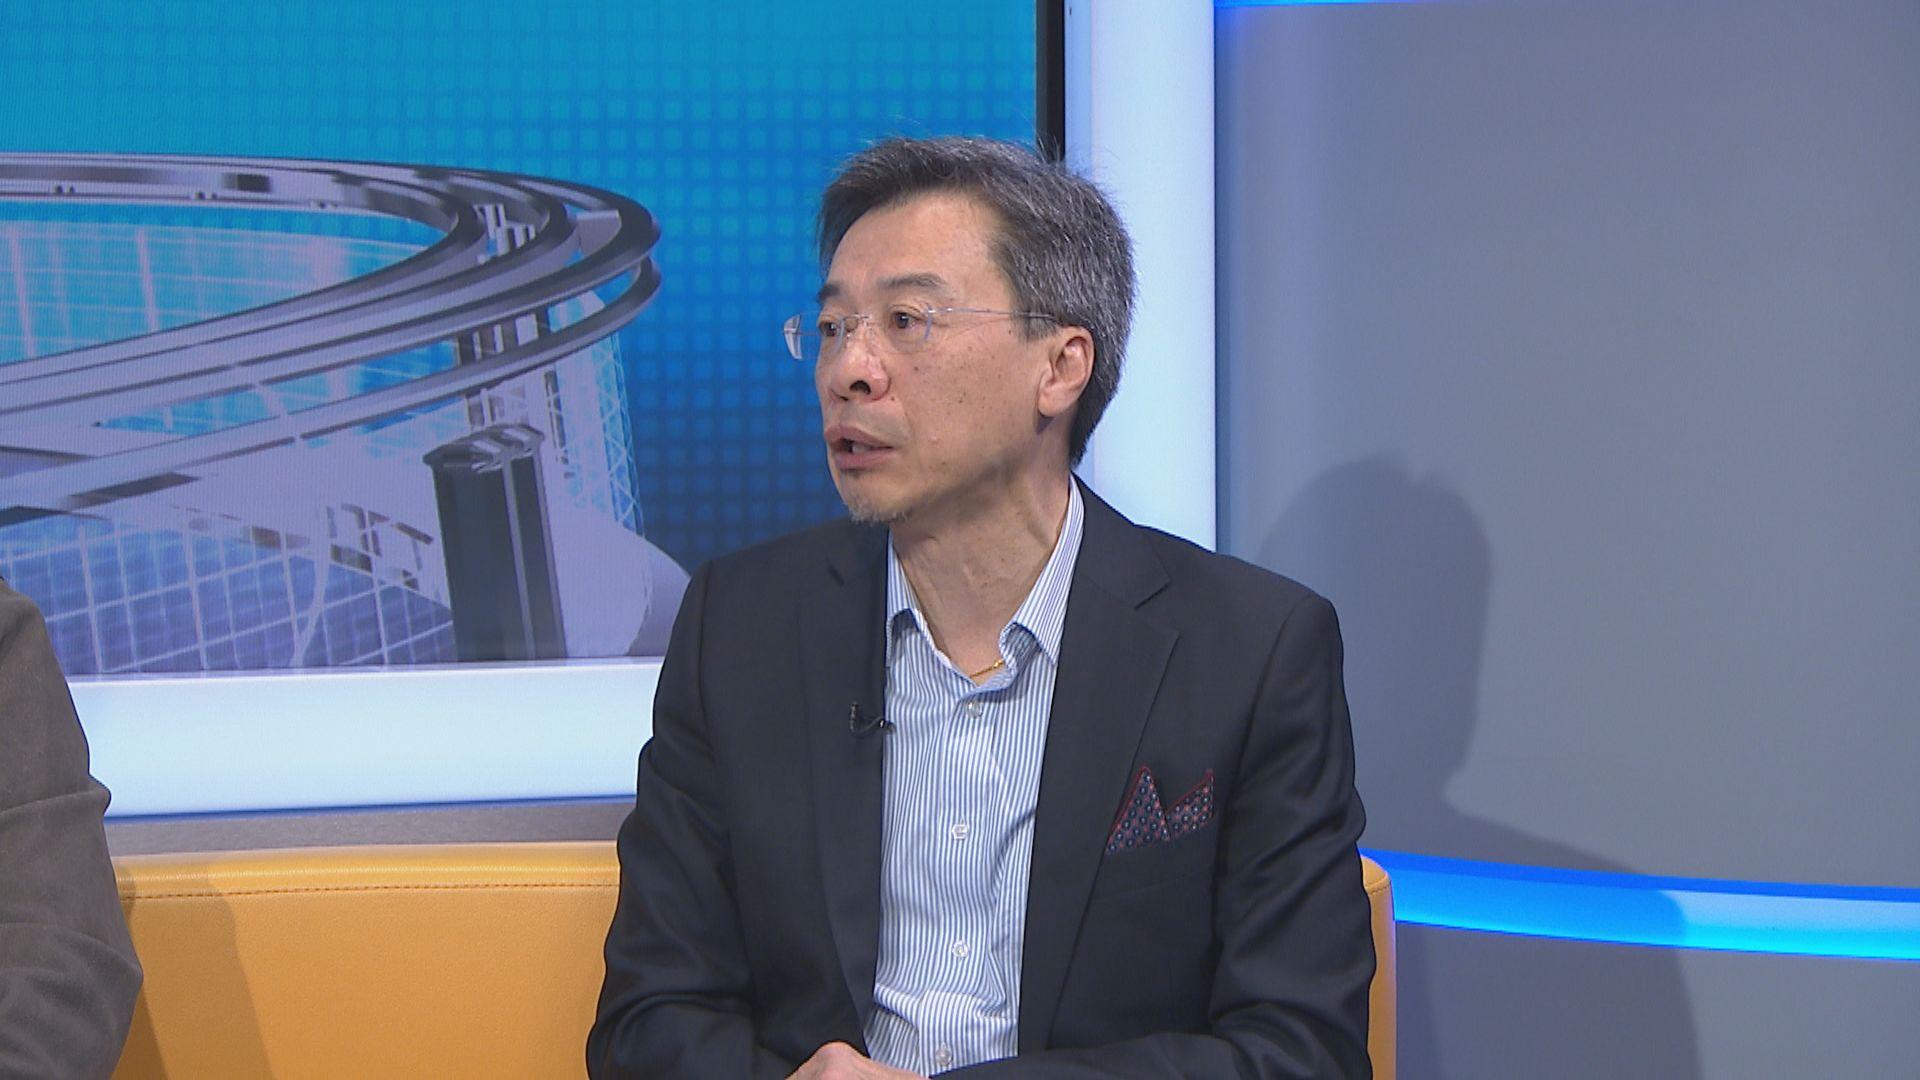 李國麟:前線醫護人員感覺裝備和支援不足